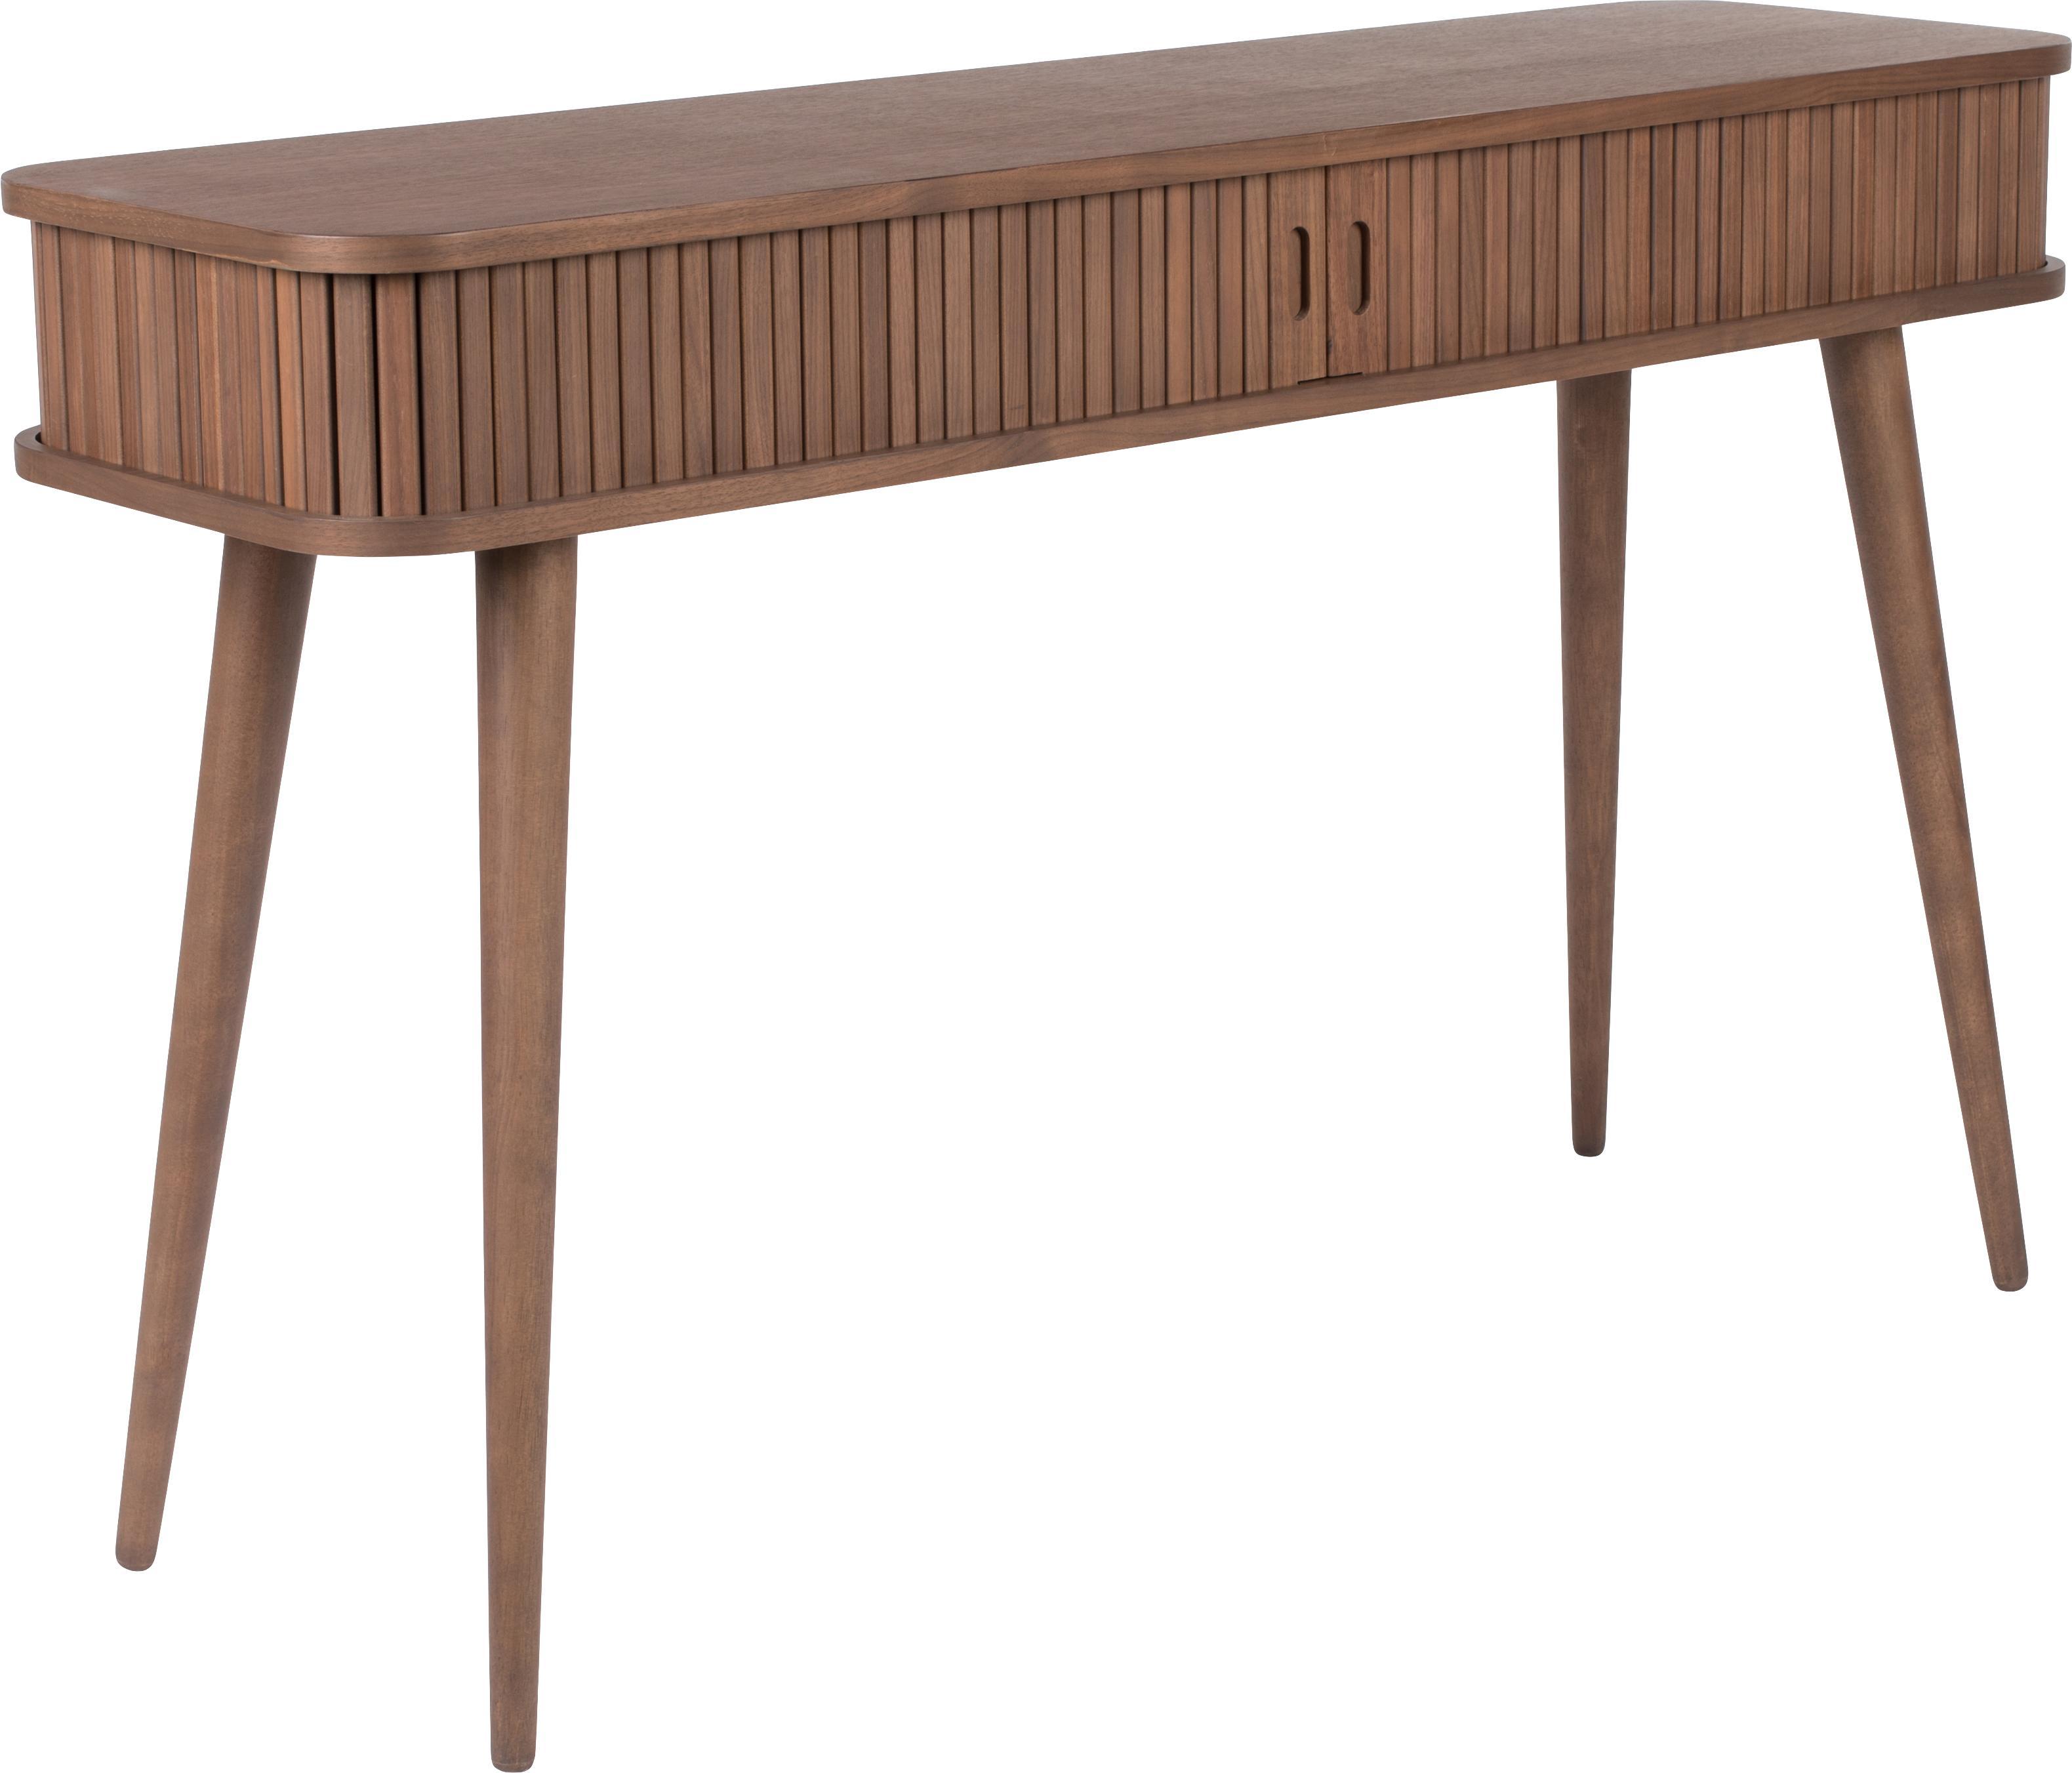 Consolle in legno con cassetti Barbier, Legno di noce, Larg. 120 x Prof. 35 cm